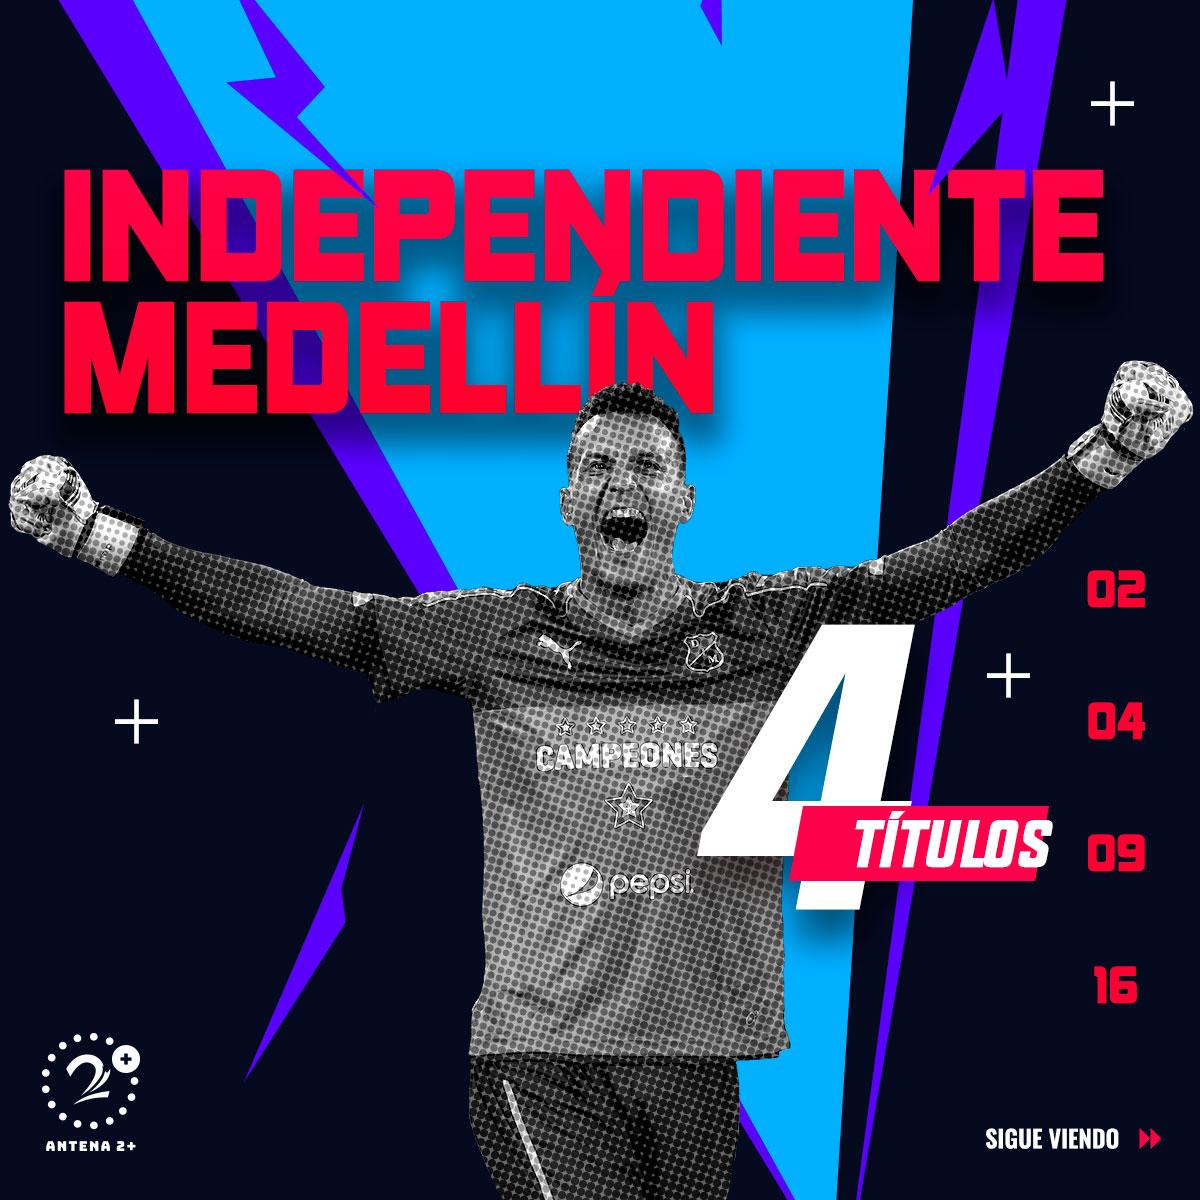 Medellín, campeón en cuatro ocasiones a nivel de torneos cortos.